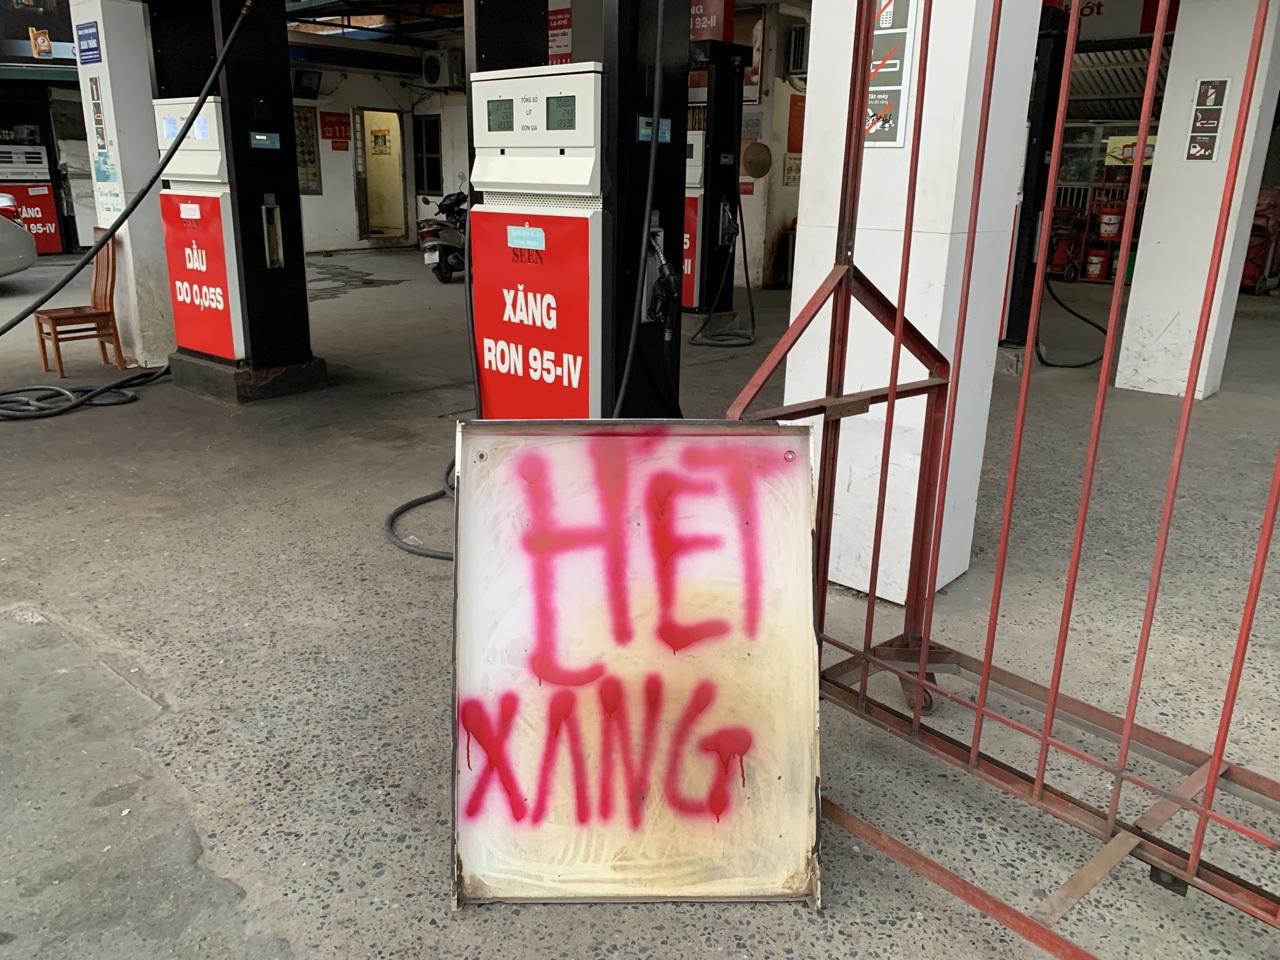 Cửa hàng xăng dầu đóng cửa: Xử lý nghiêm nếu găm hàng, chờ tăng giá